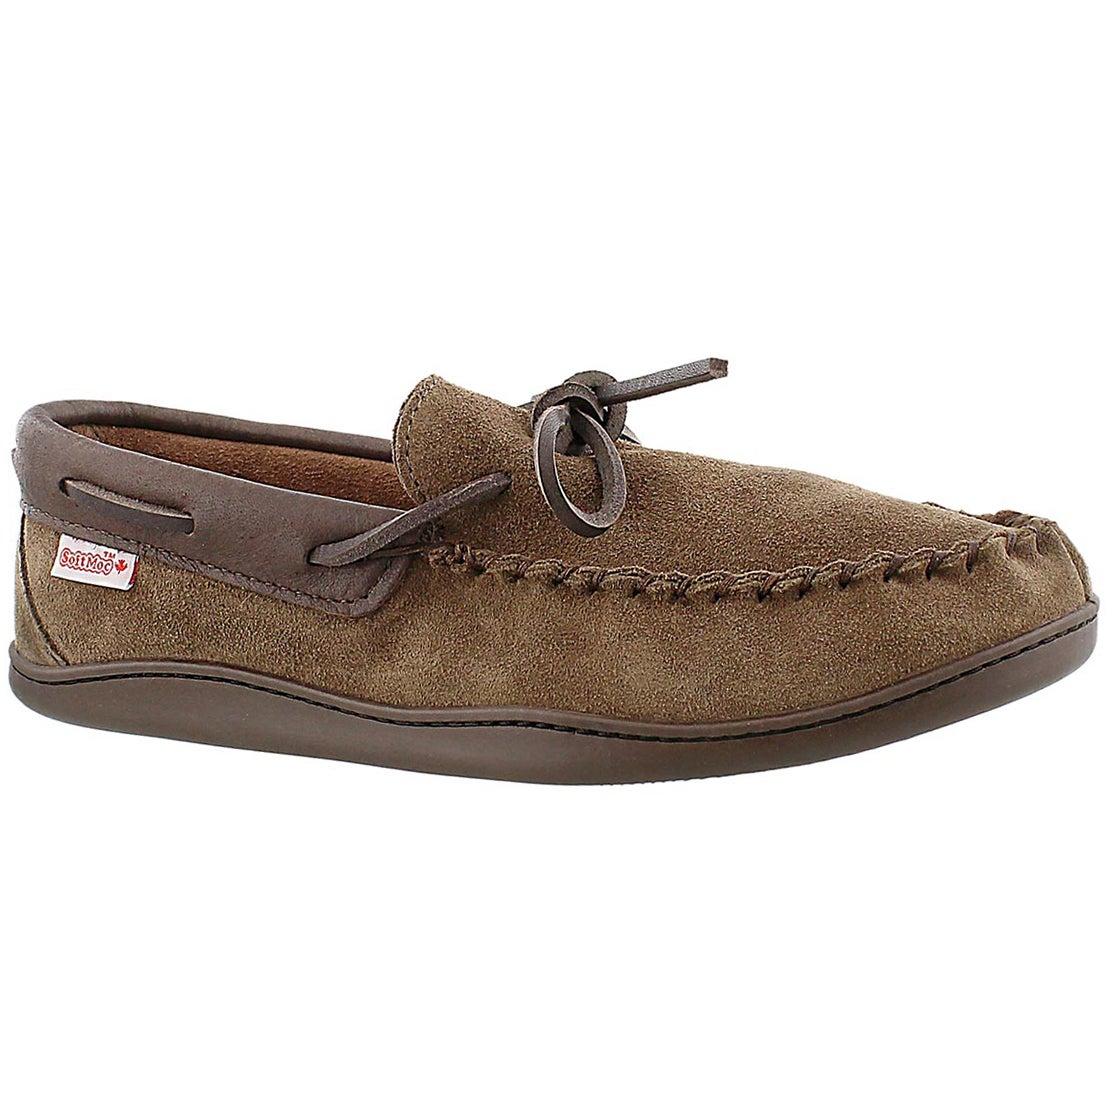 Men's SF41471 brown suede moccasins